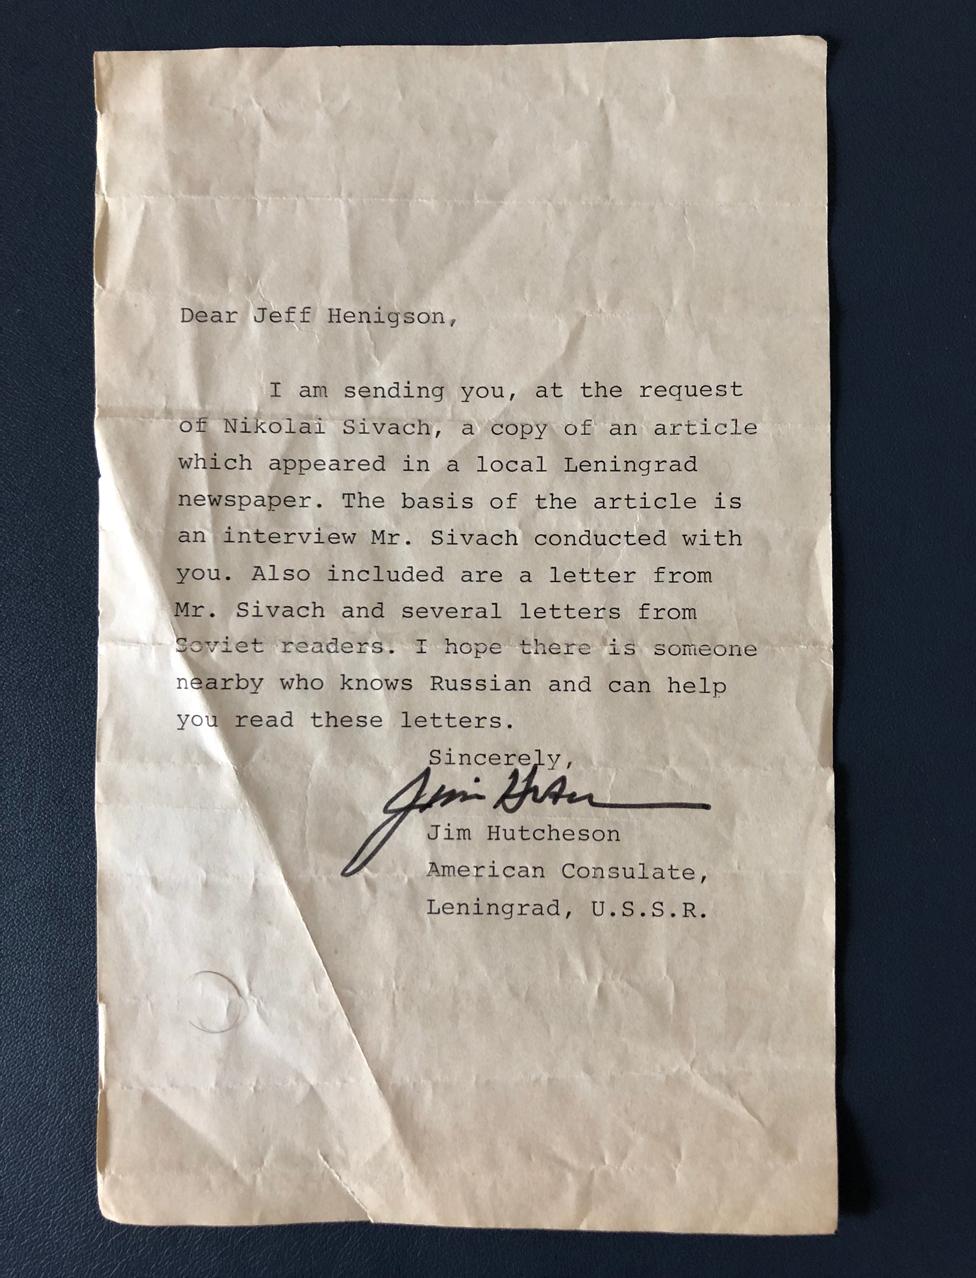 Carta desde el consulado estadounidense.